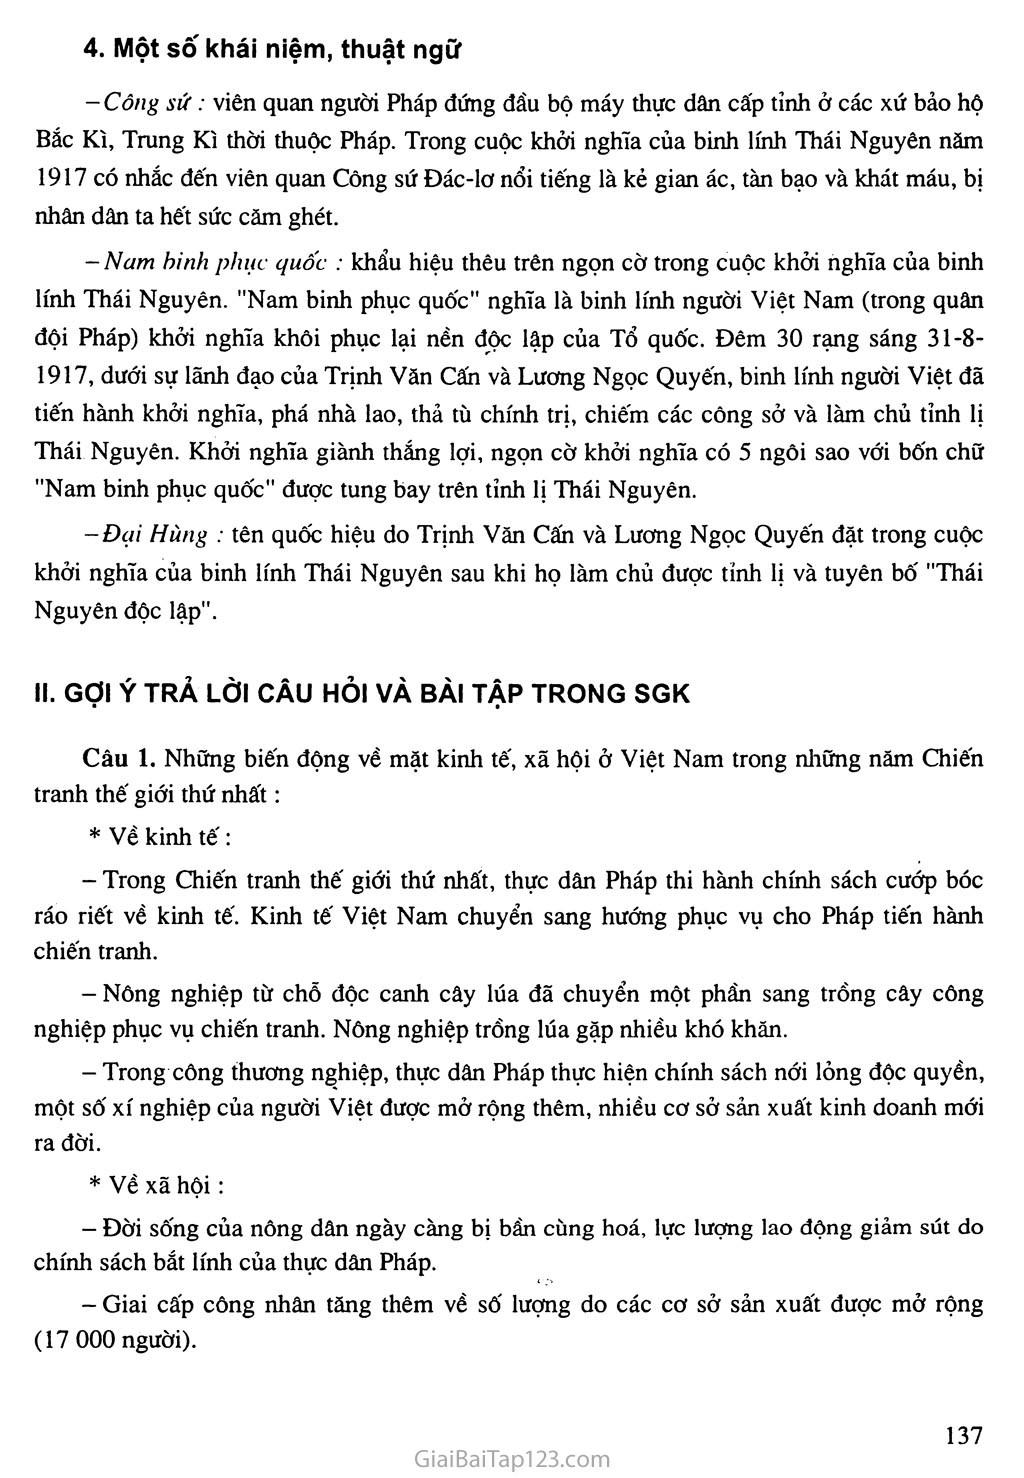 Bài 24: Việt Nam trong những năm chiến tranh thế giới thứ nhất (1914 - 1918) trang 5